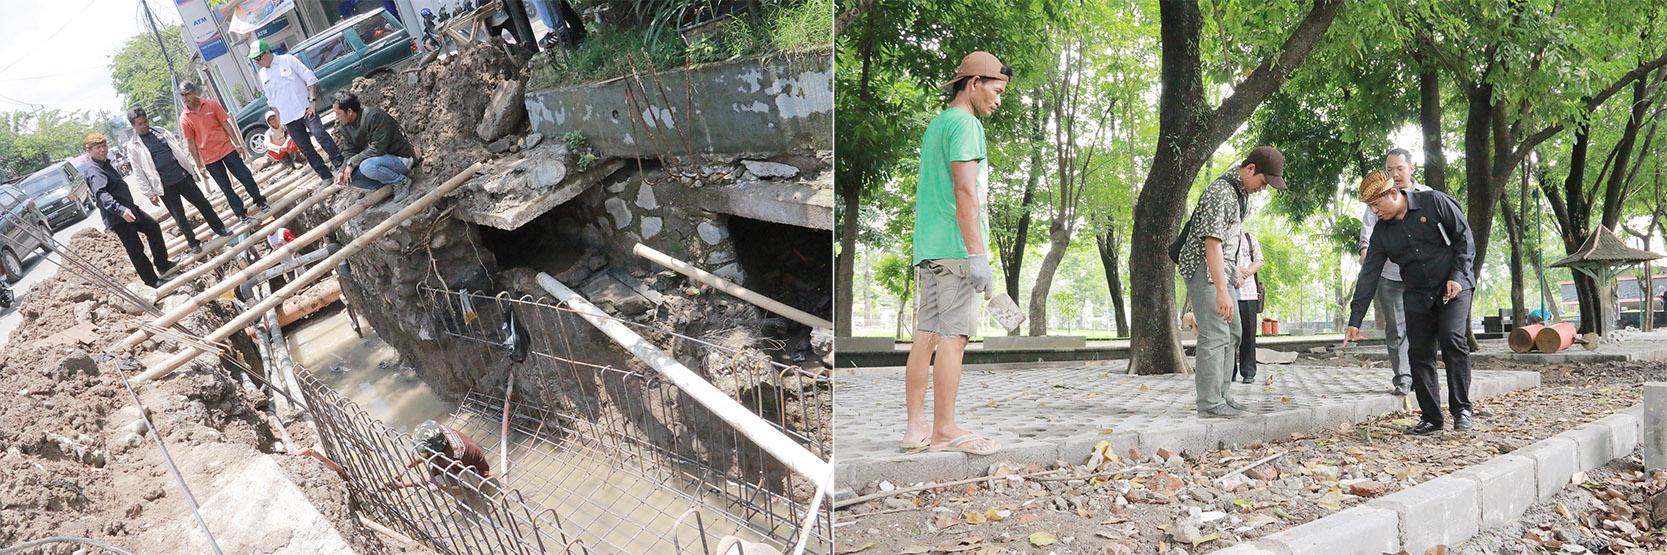 Sidak Komisi II DPRD Kota Surakarta Terkait Penataan Kawasan Kyai Mojo & Taman Banjarsari